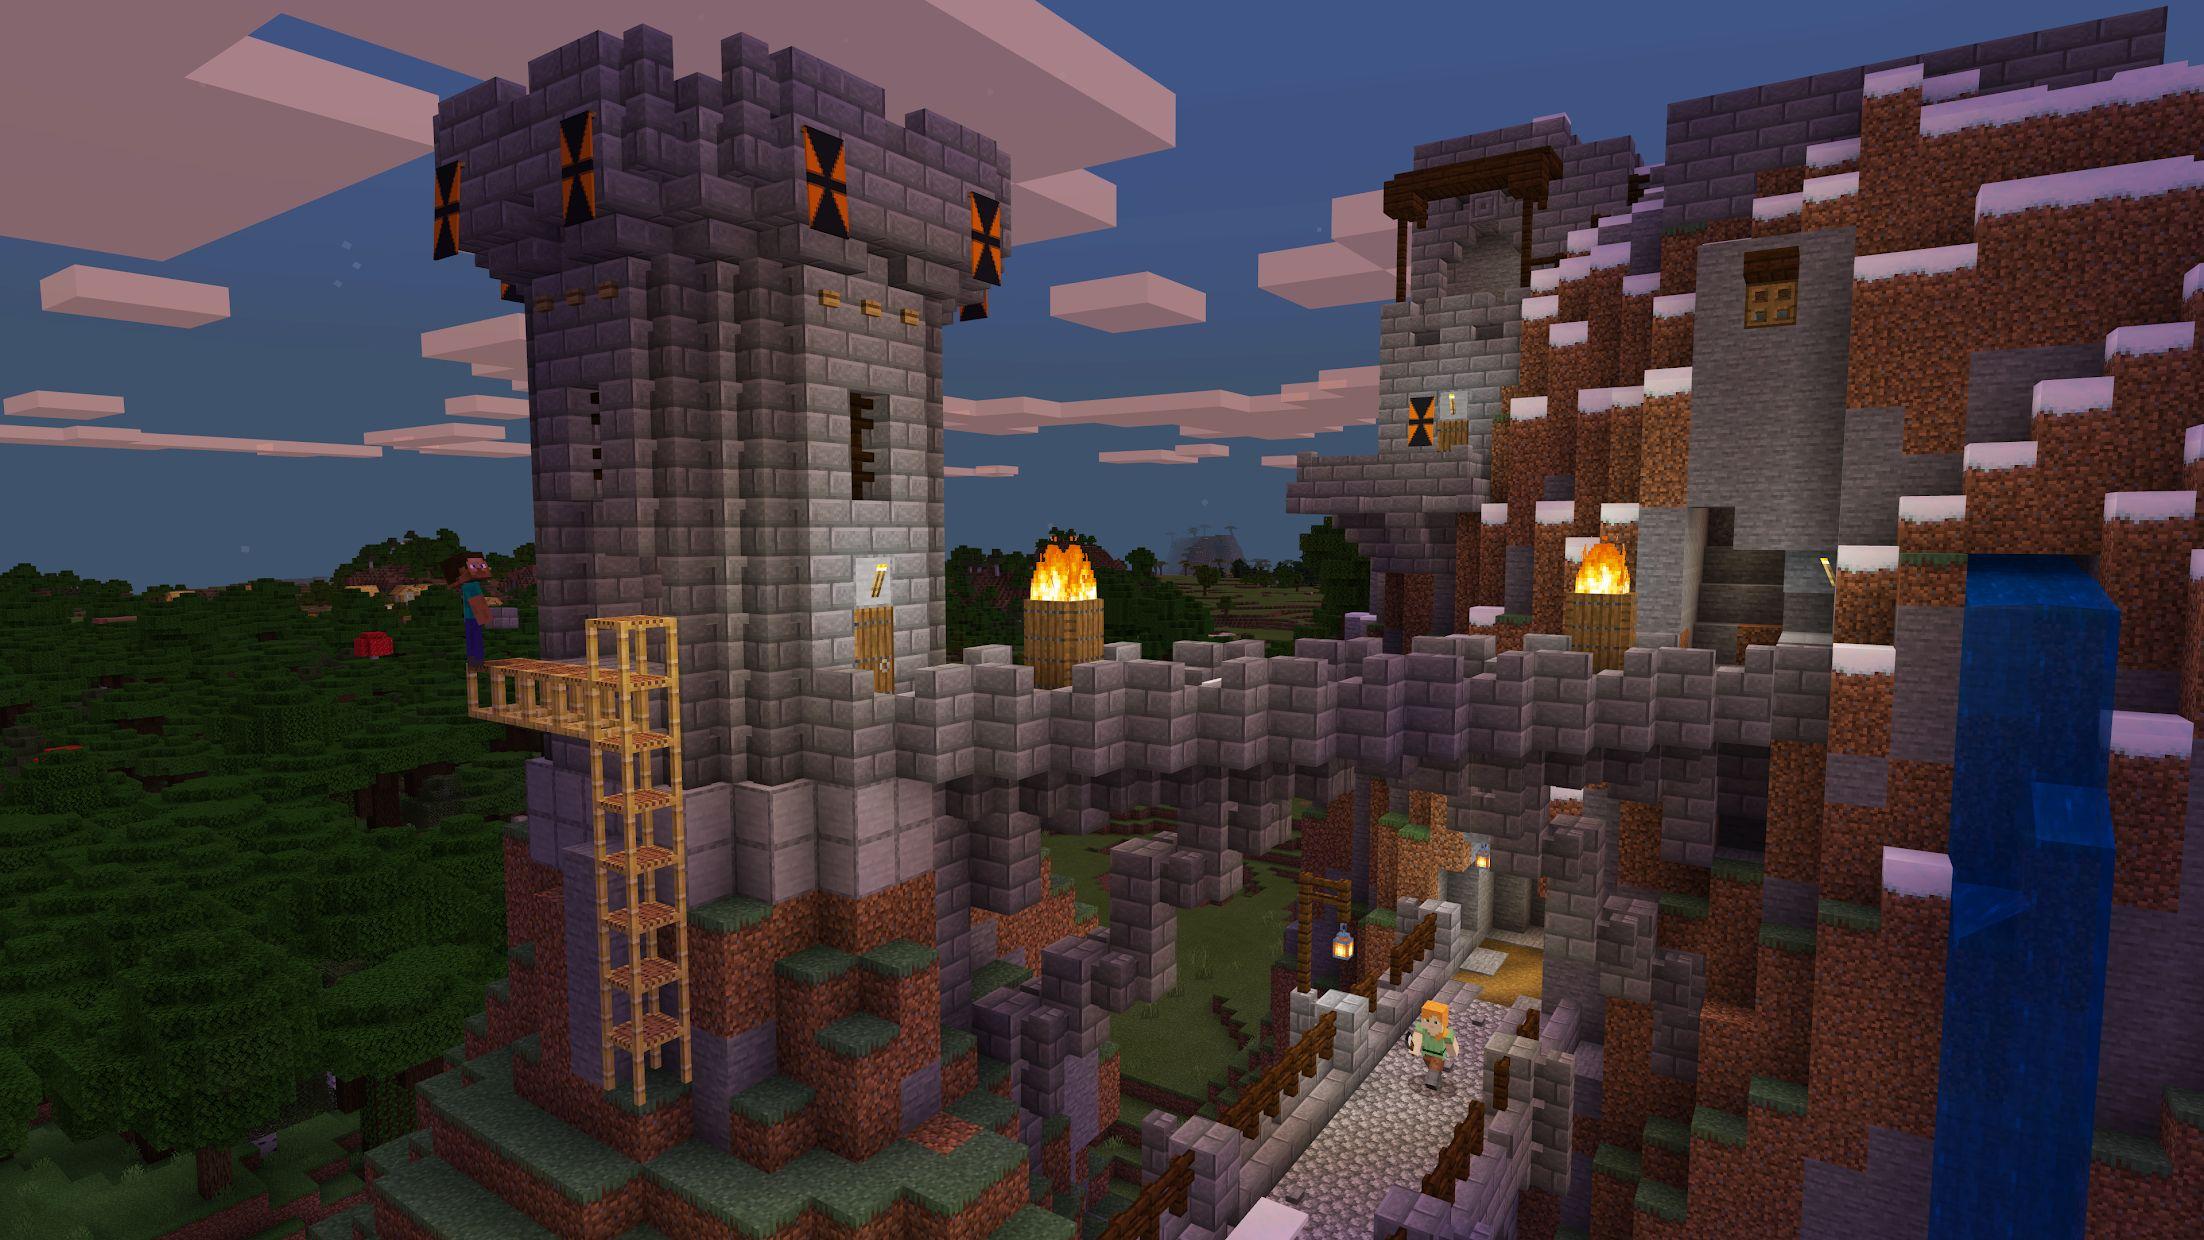 我的世界(Minecraft) 游戏截图2